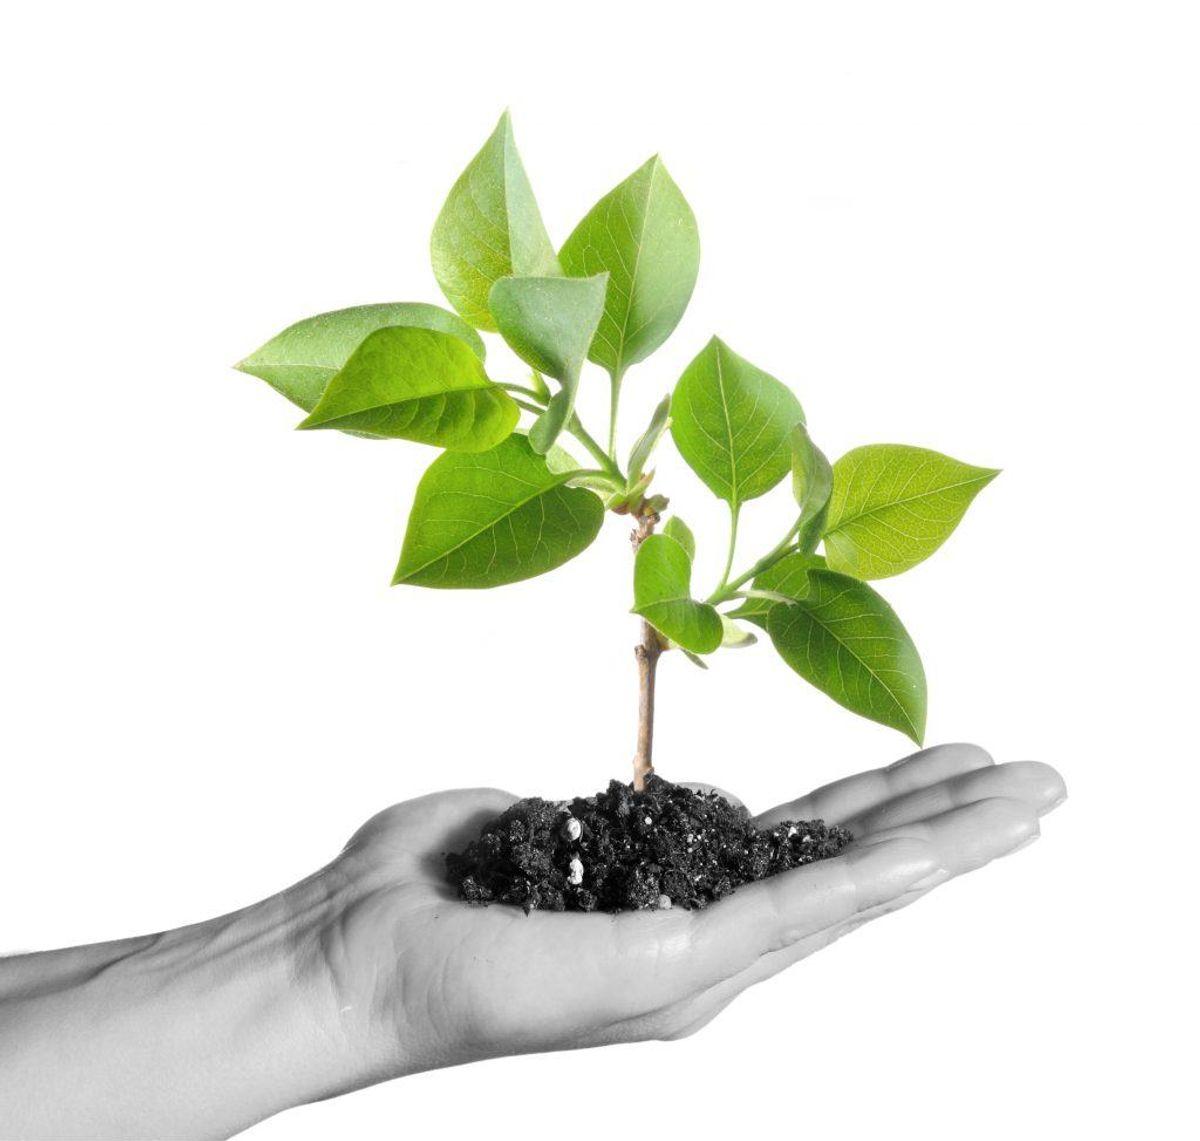 Noget så simpelt som at plante et enkelt træ, kan gøre en forskel. Kilde: Good Housekeeping. Arkivfoto.